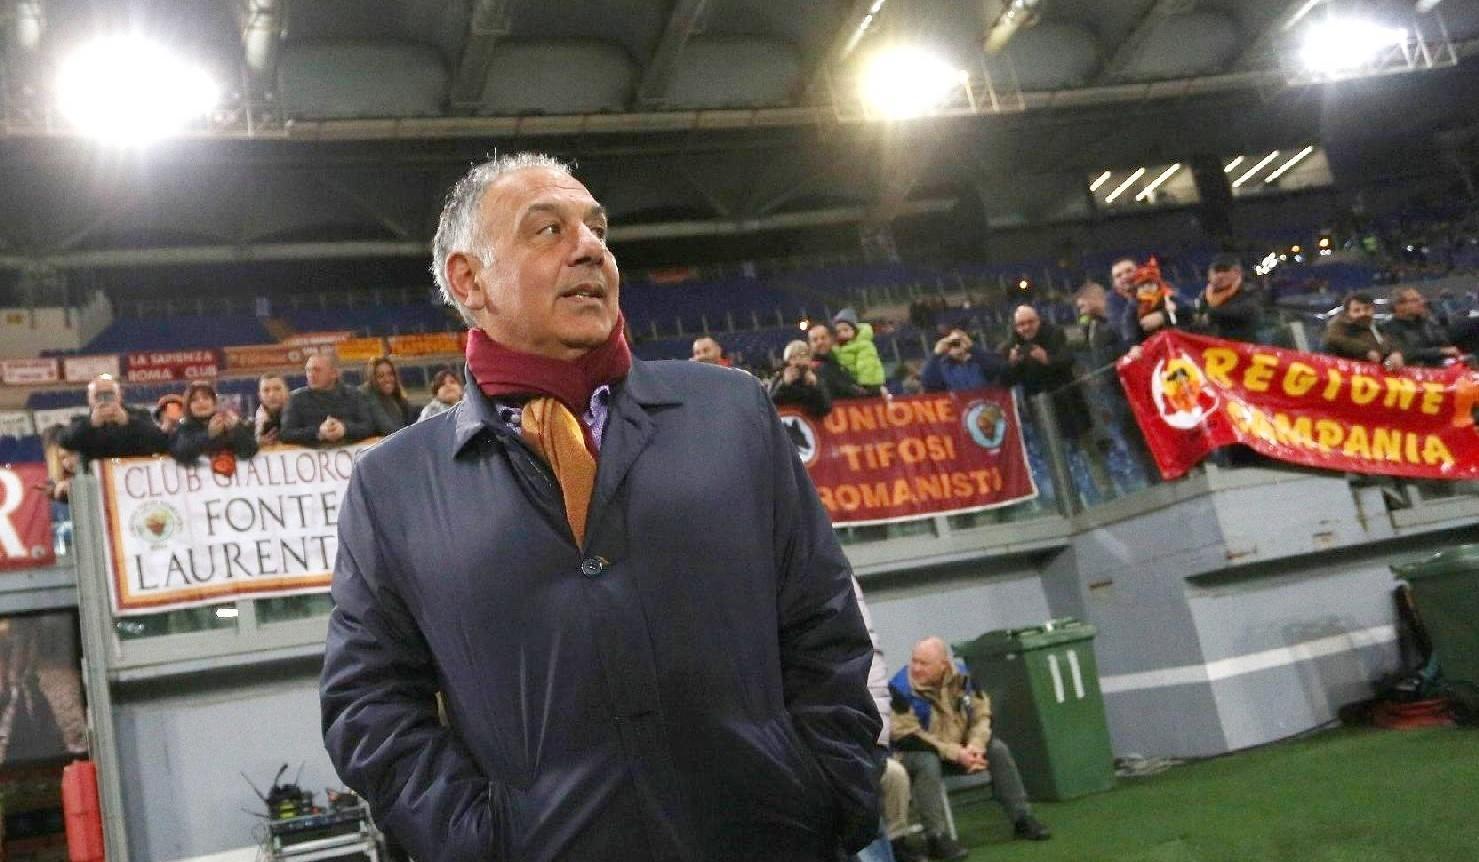 La Roma Far Ricorso Contro Sanzione Imposta Dalla Uefa A Pallotta